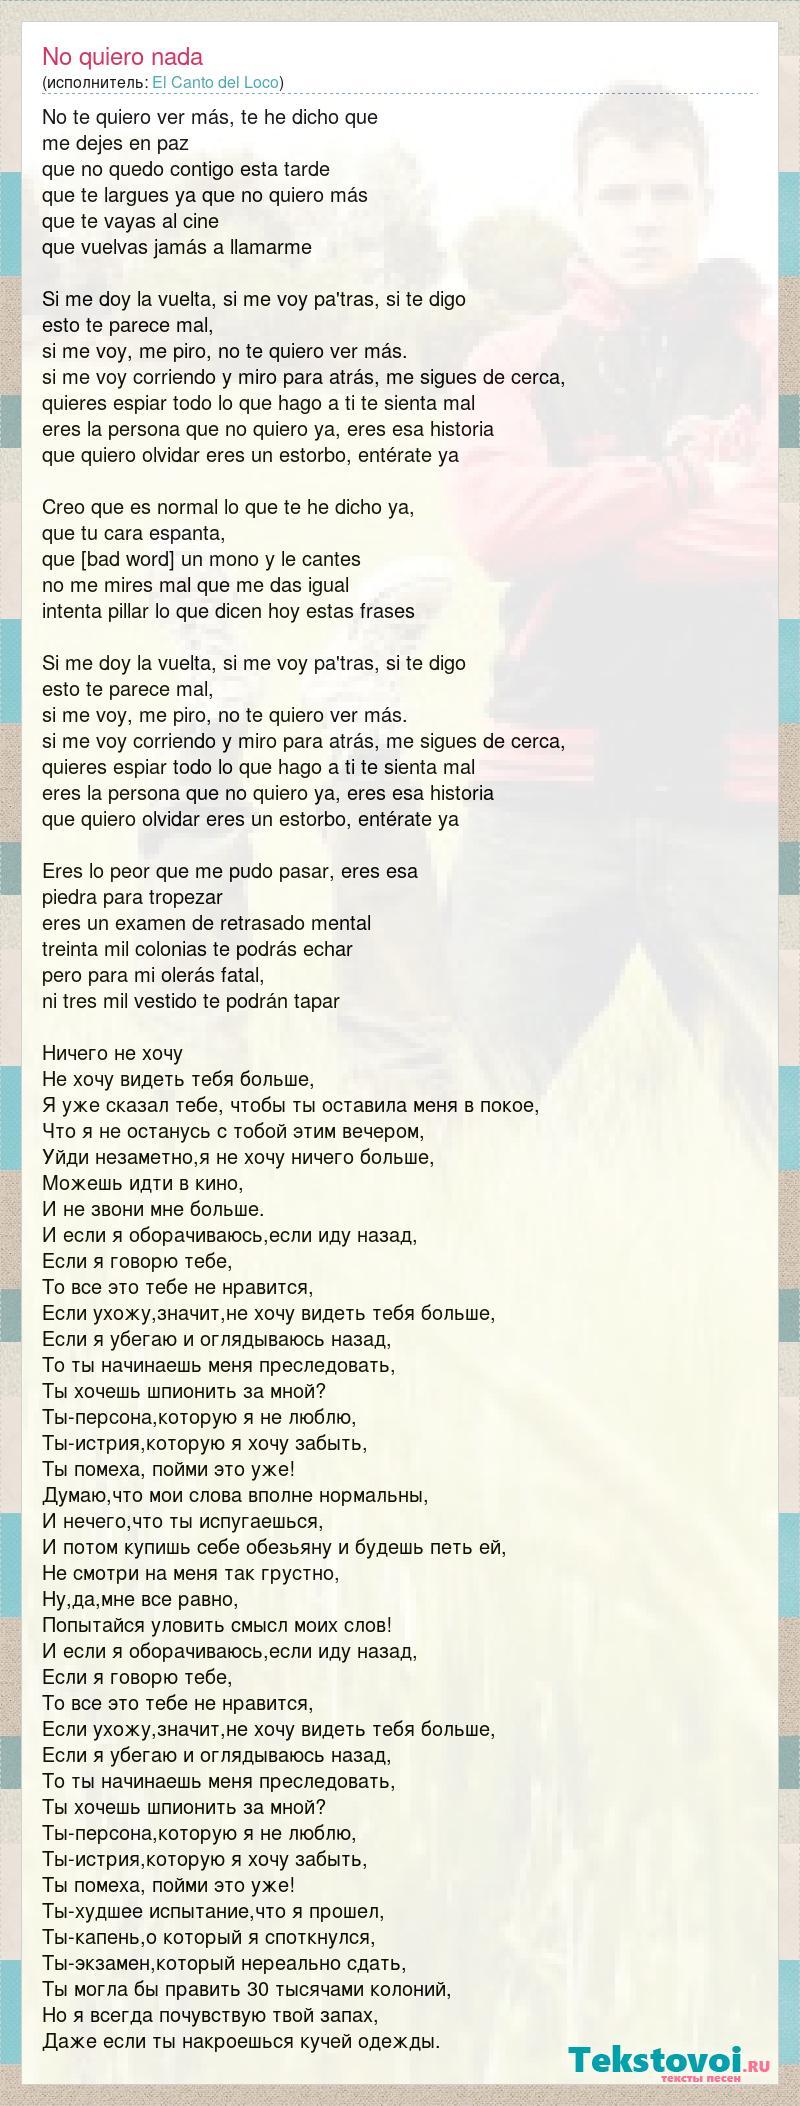 El Canto Del Loco No Quiero Nada слова песни